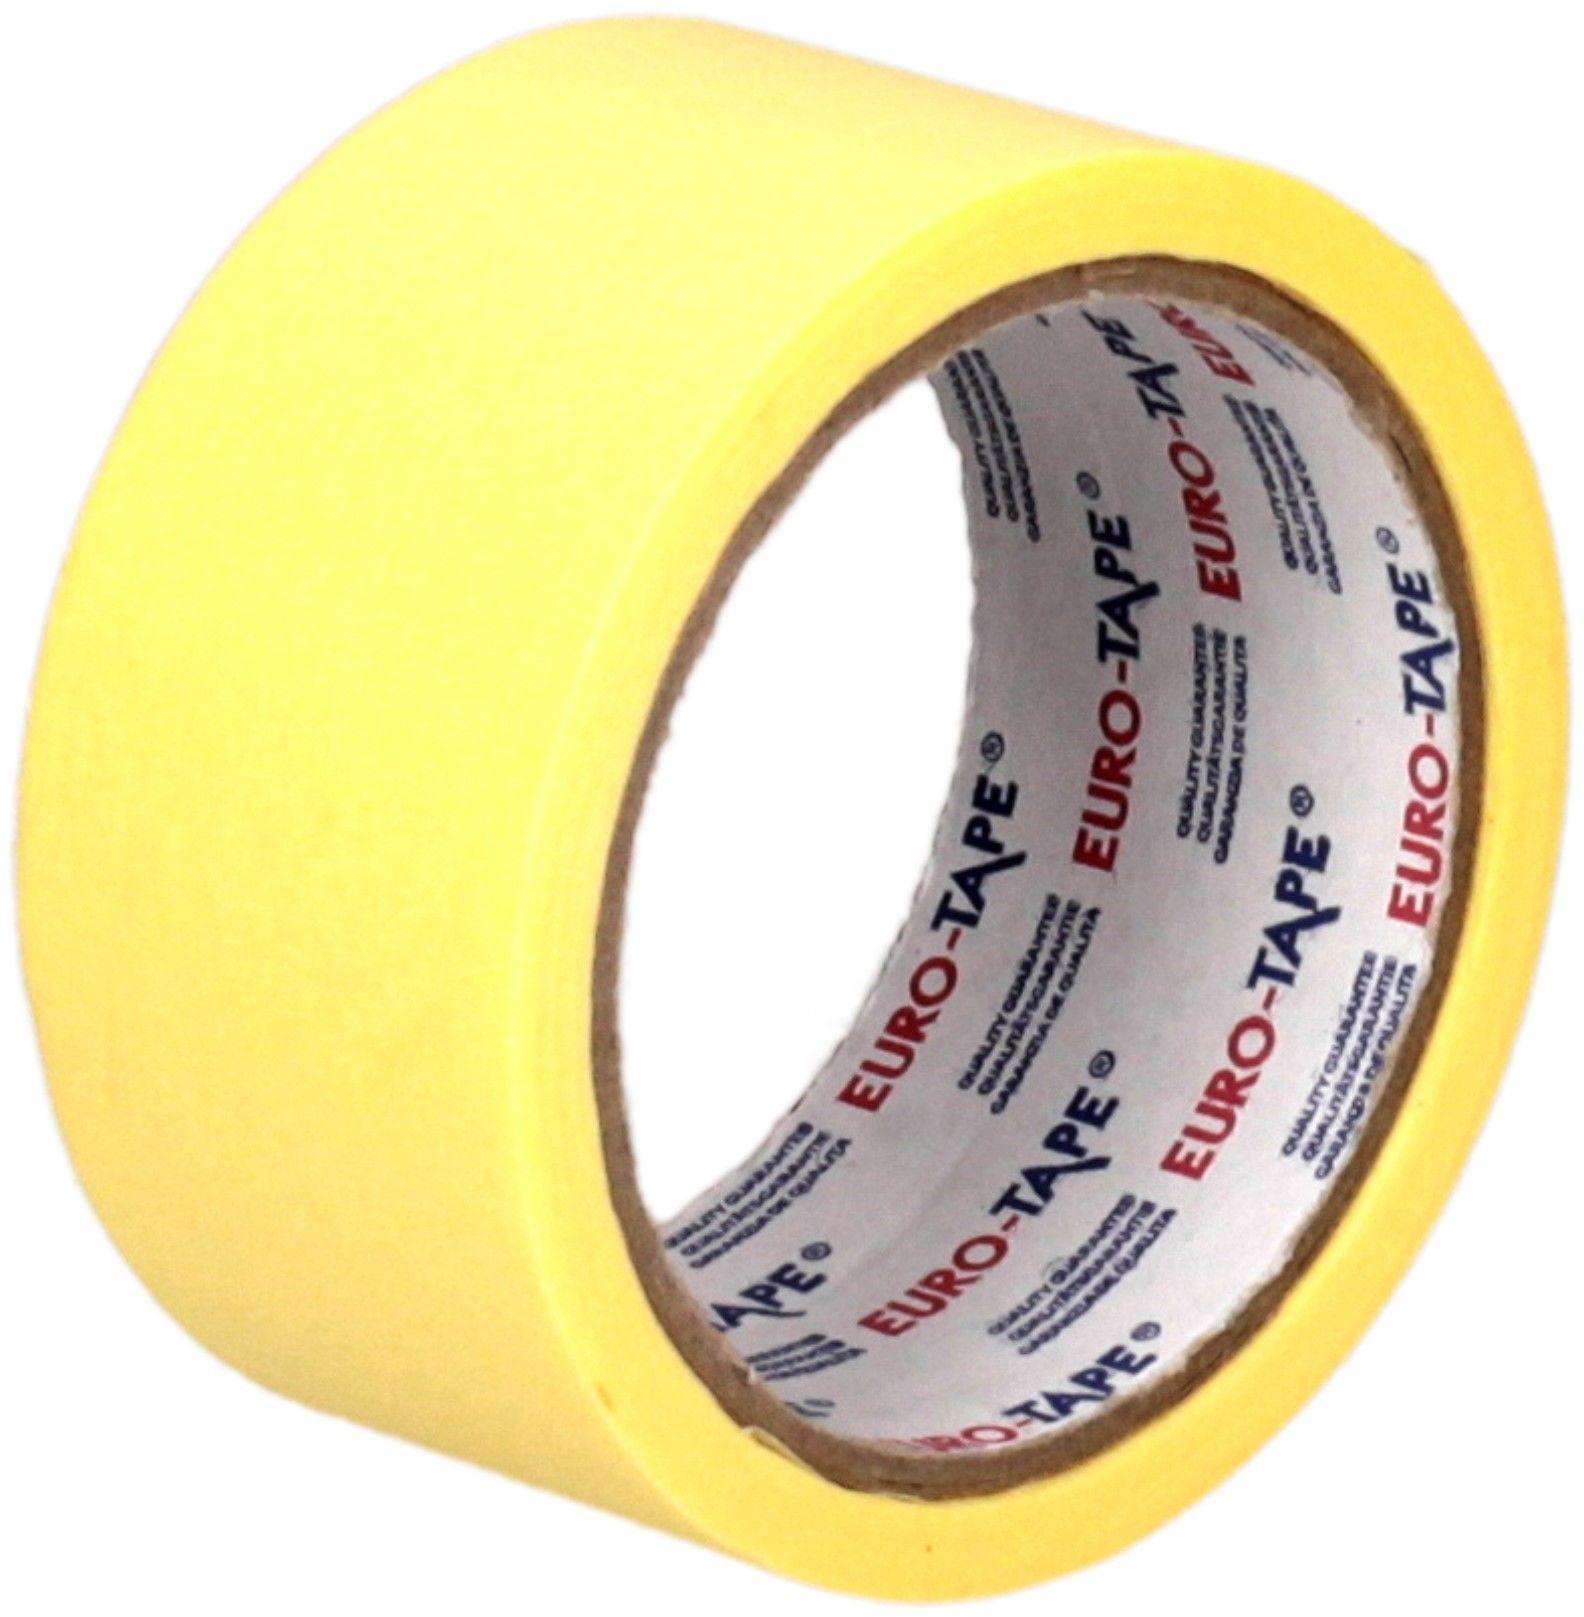 Taśma maskująca malarska Euro-Tape Dalpo, 48mm x 25m Rabaty Porady Hurt Autoryzowana dystrybucja Szybka dostawa